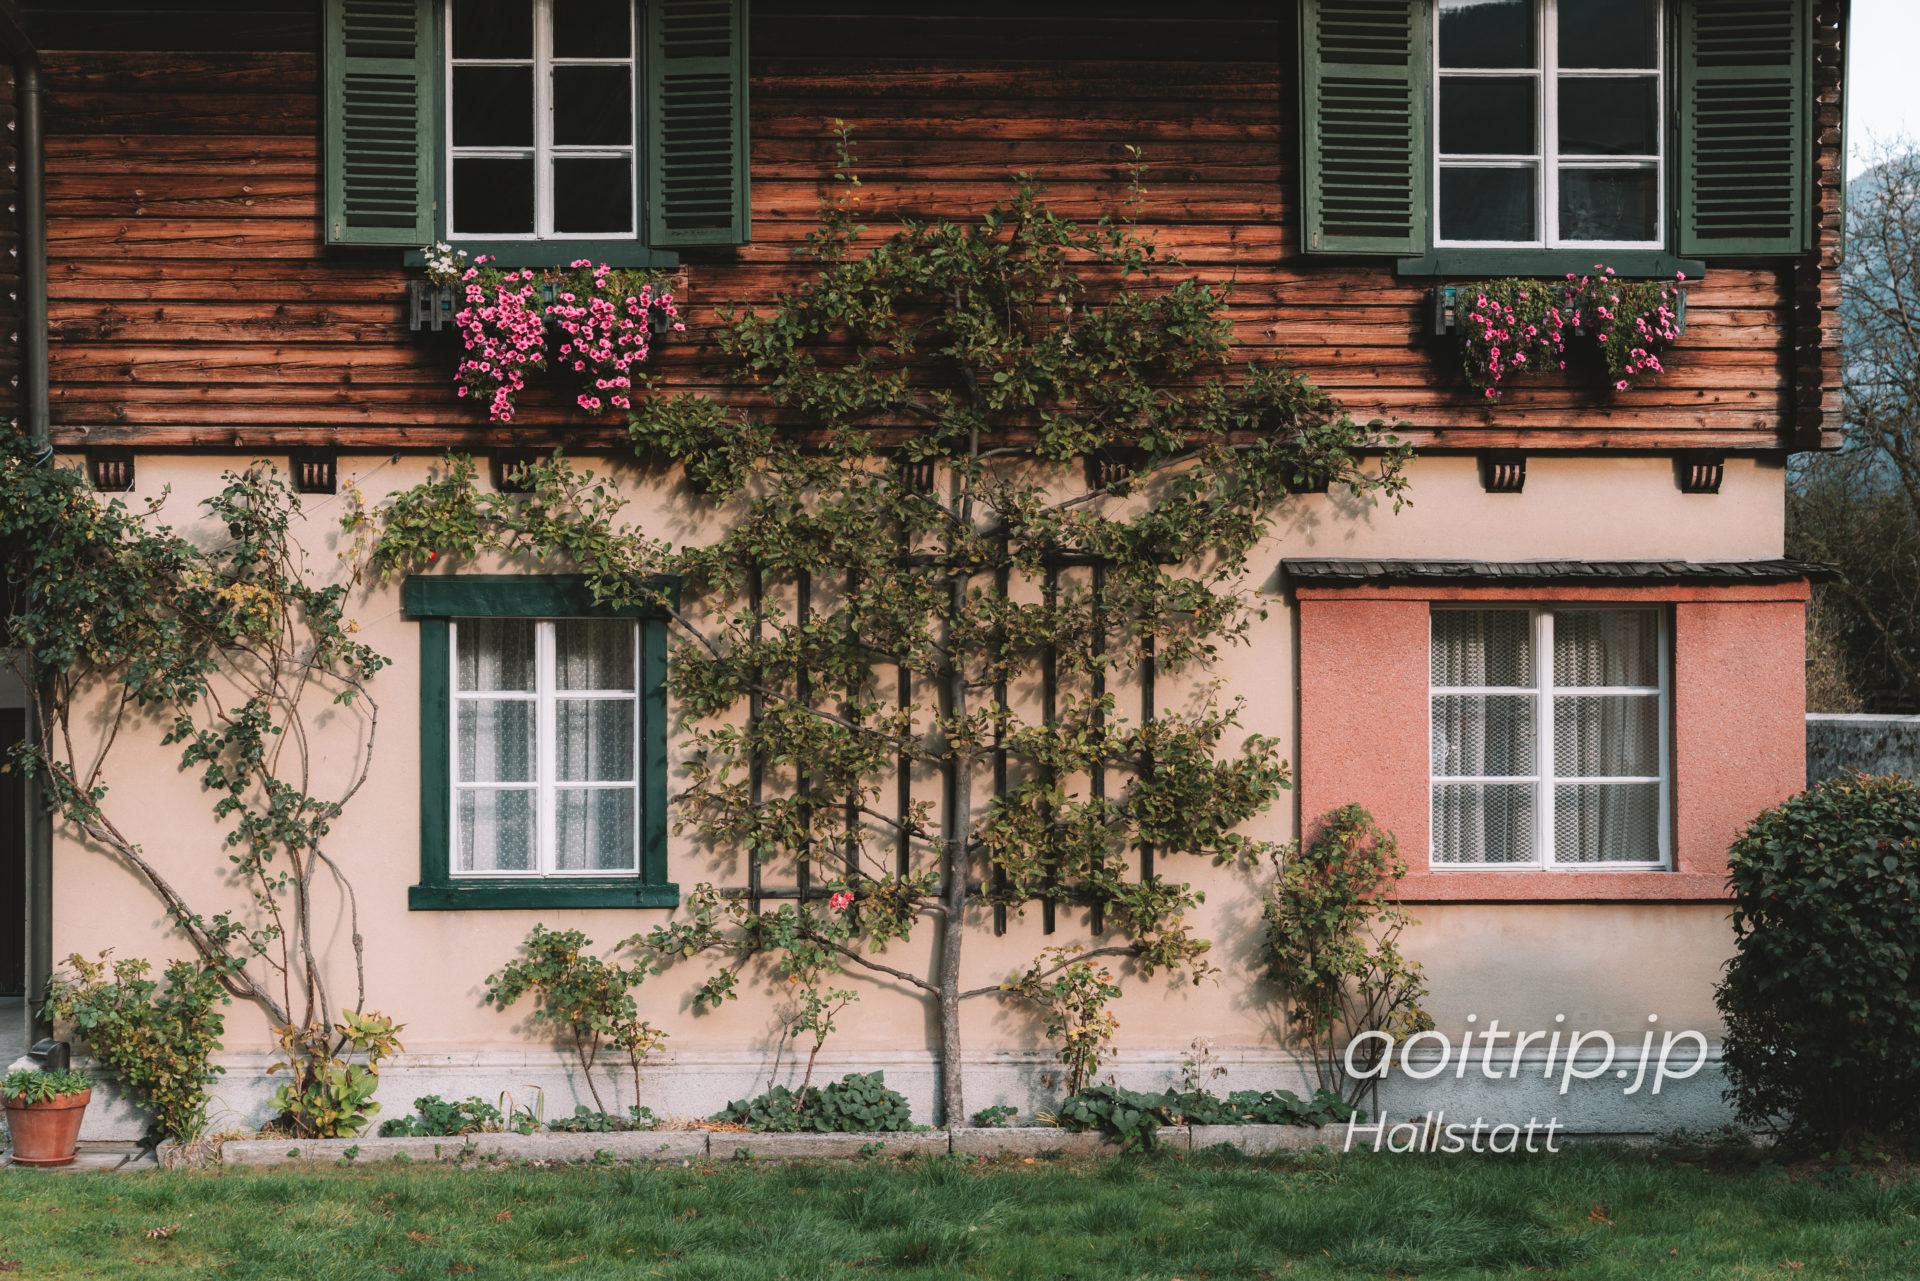 ハルシュタット住宅街の壁面緑化